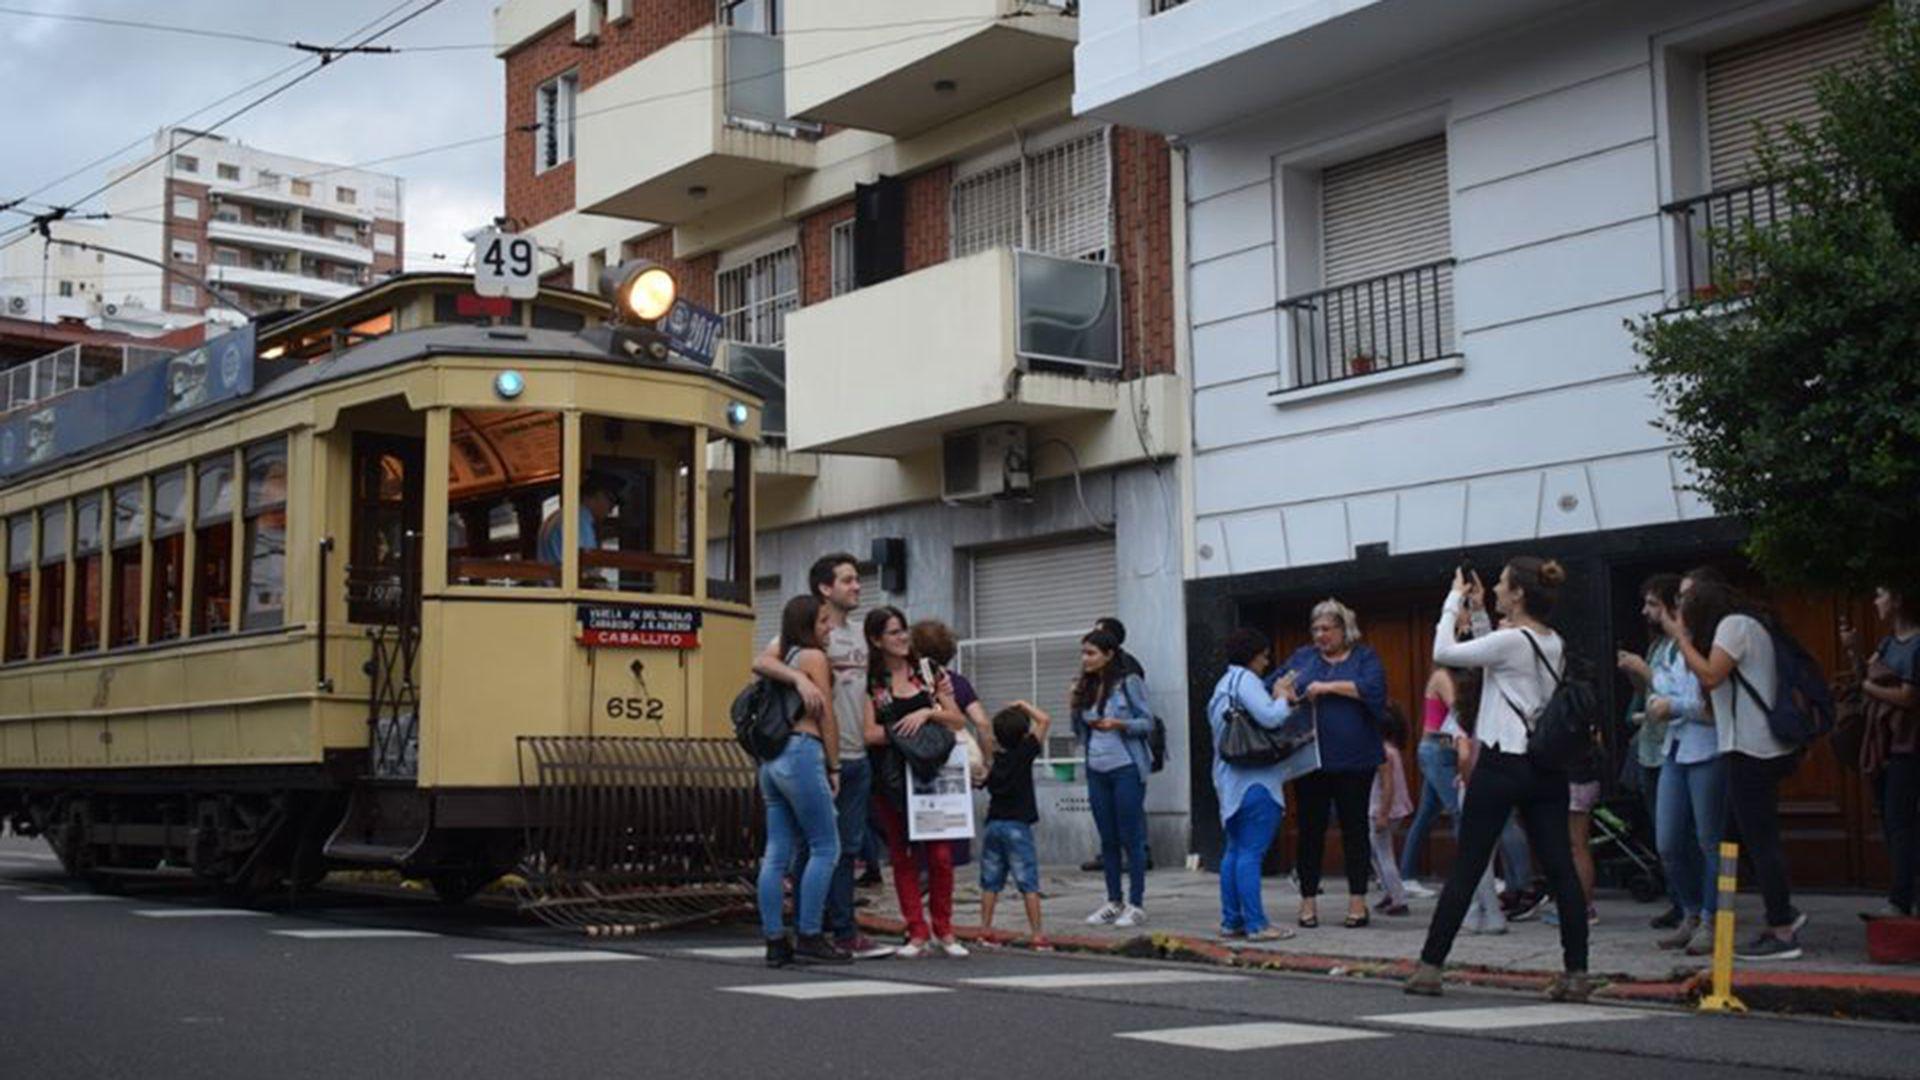 Esta original propuesta combina en sí un museo viviente de tranvías y coches subterráneos históricos que recorren 2 kilómetros del barrio porteño de Caballito (AATyBPFL)